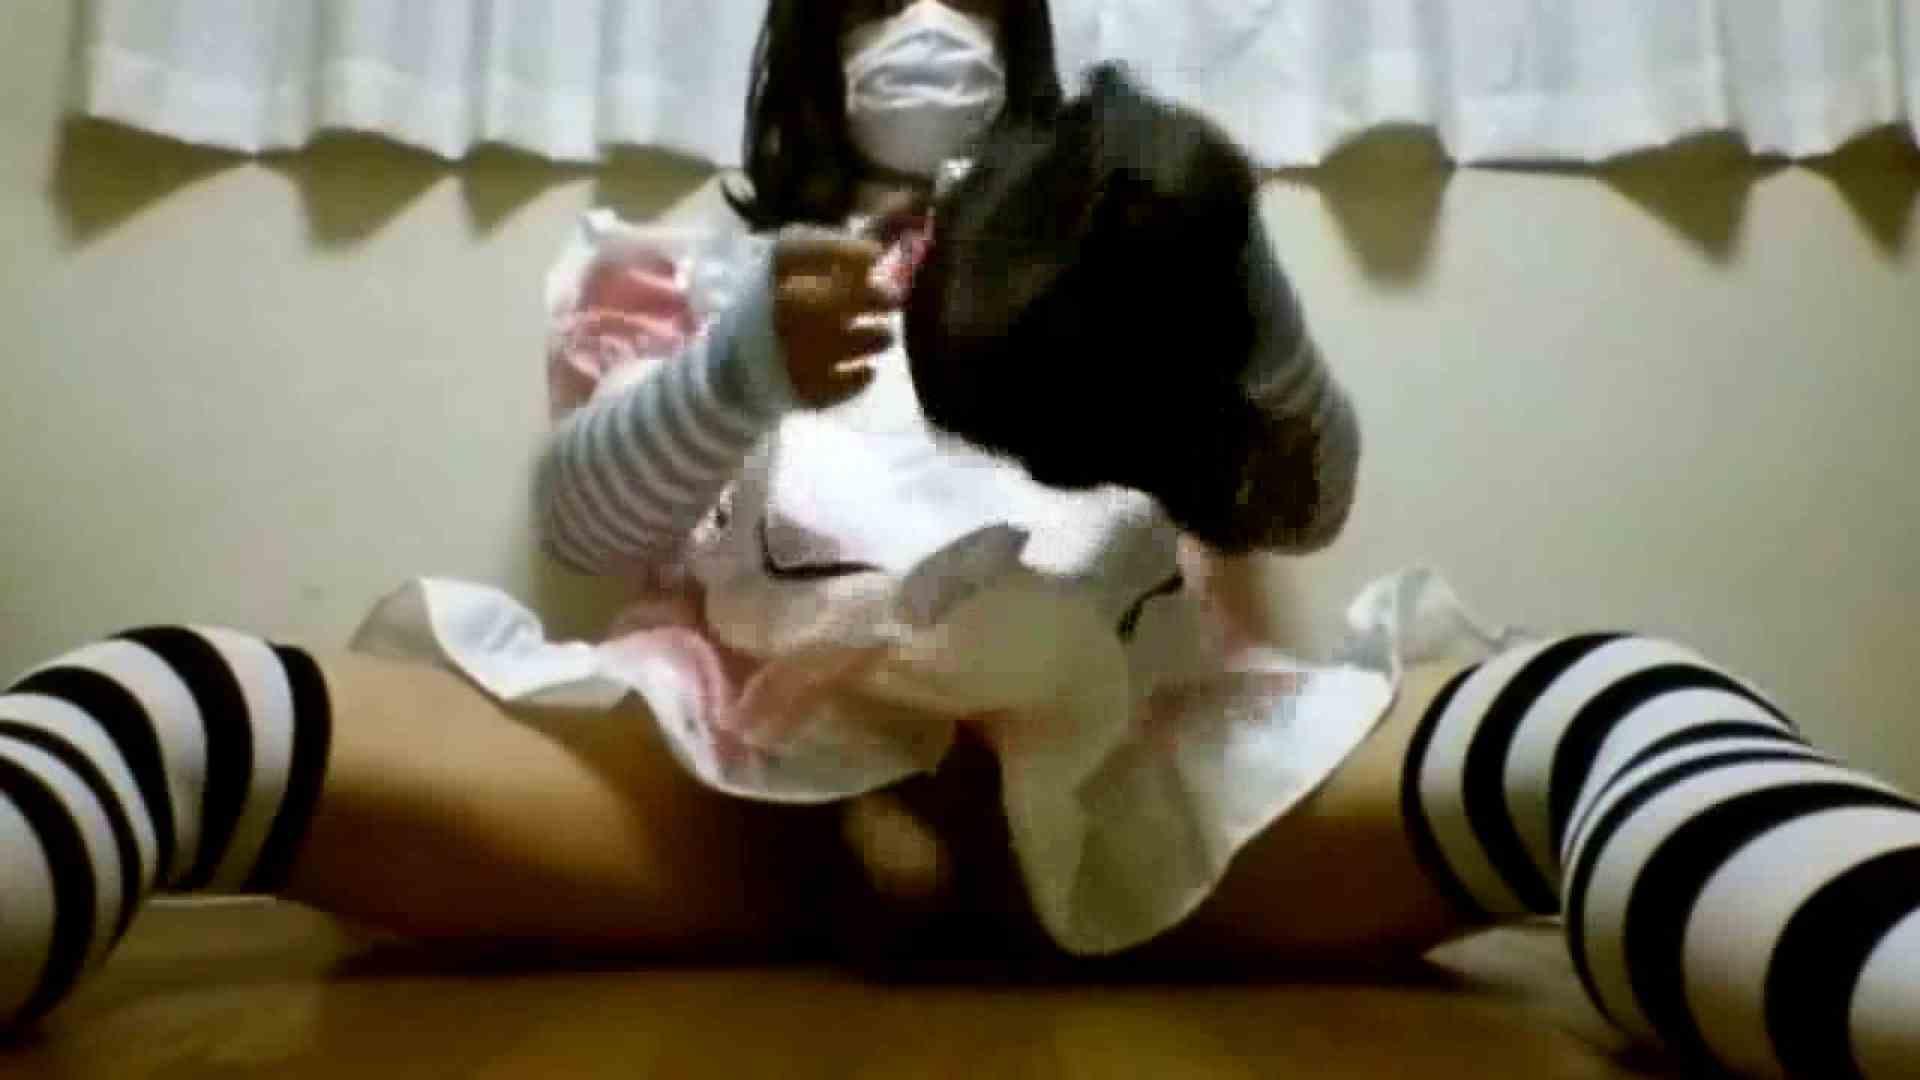 男のKOスプレー!Vol.10 オナニー アダルトビデオ画像キャプチャ 73pic 60